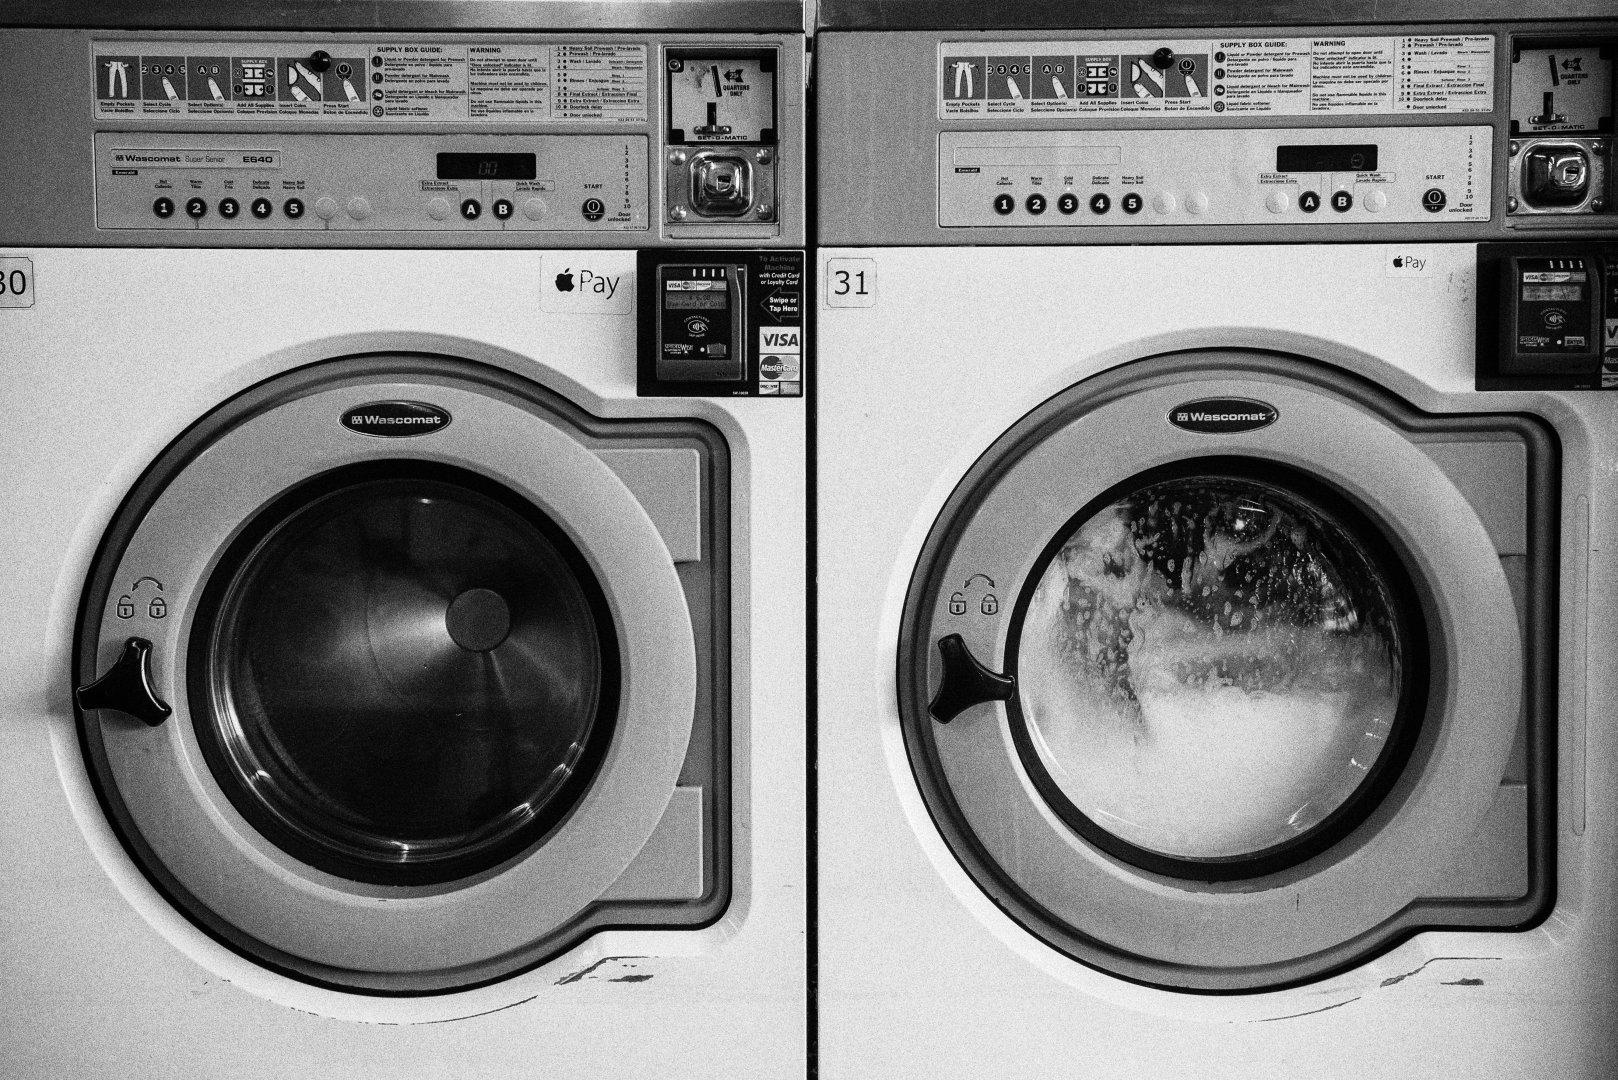 Erfahren Sie hier wie Sie mit ungewöhnlichen Mittel Gerüche aus der Waschmaschine entfernen können